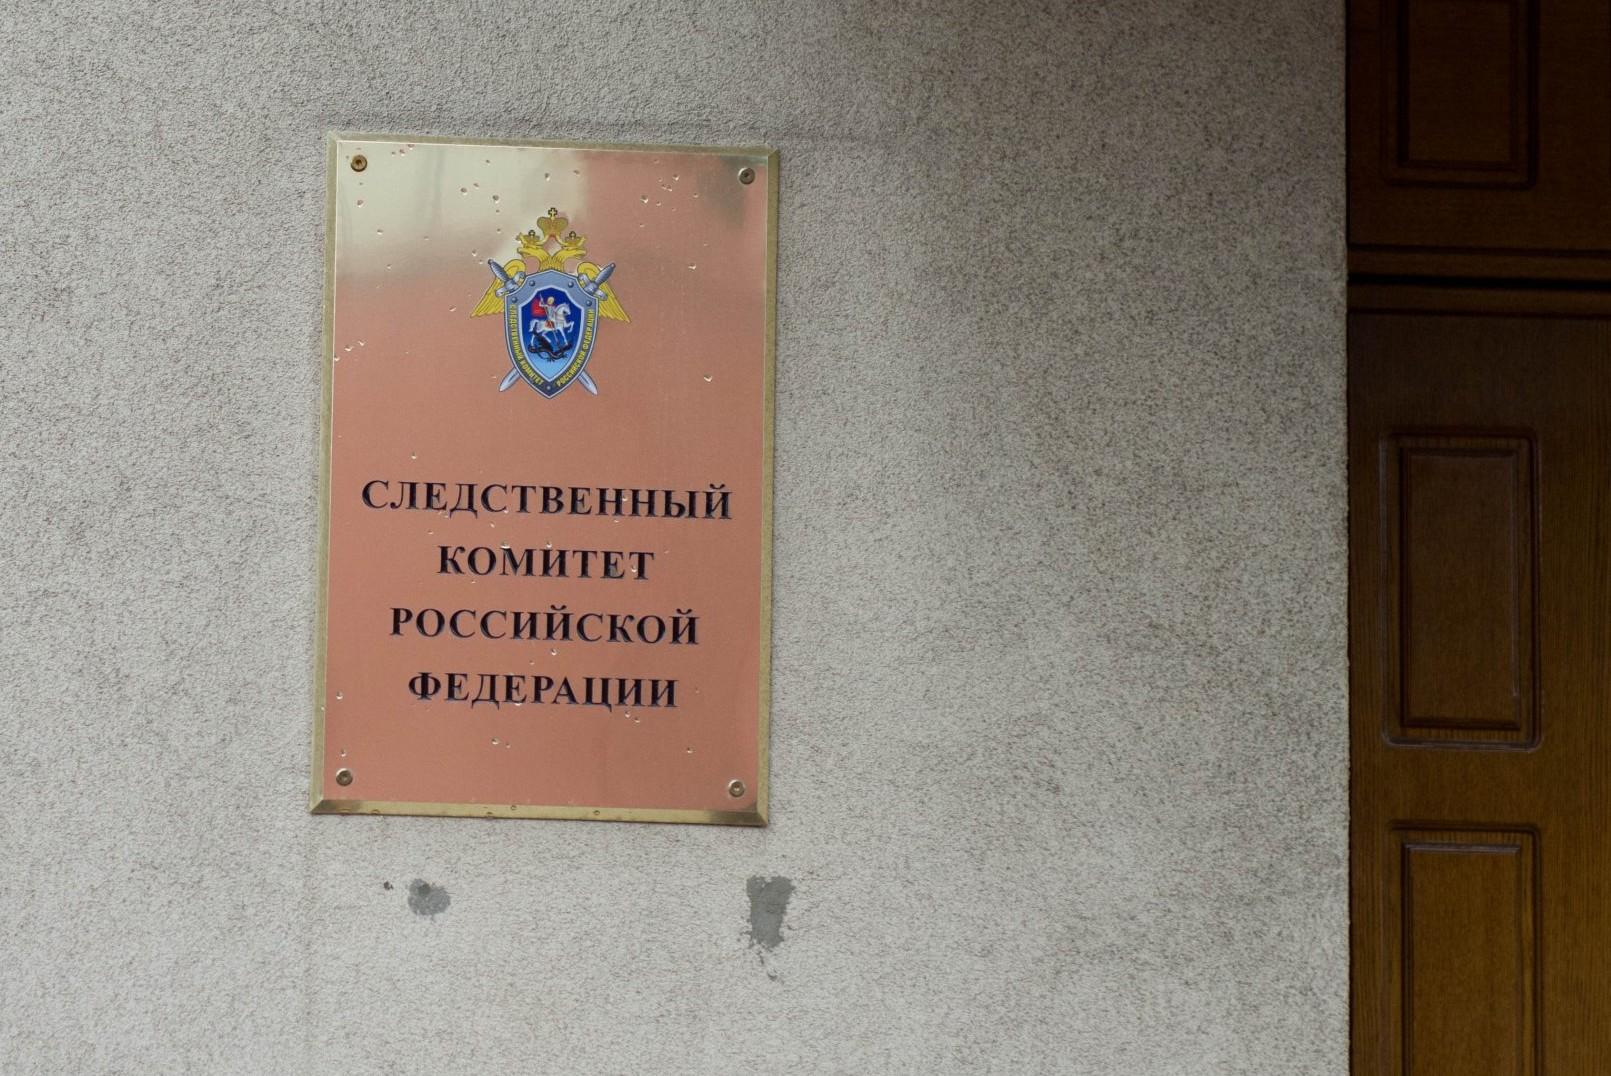 Следственный комитет возбуждает дела об угрозах губернаторам РФ